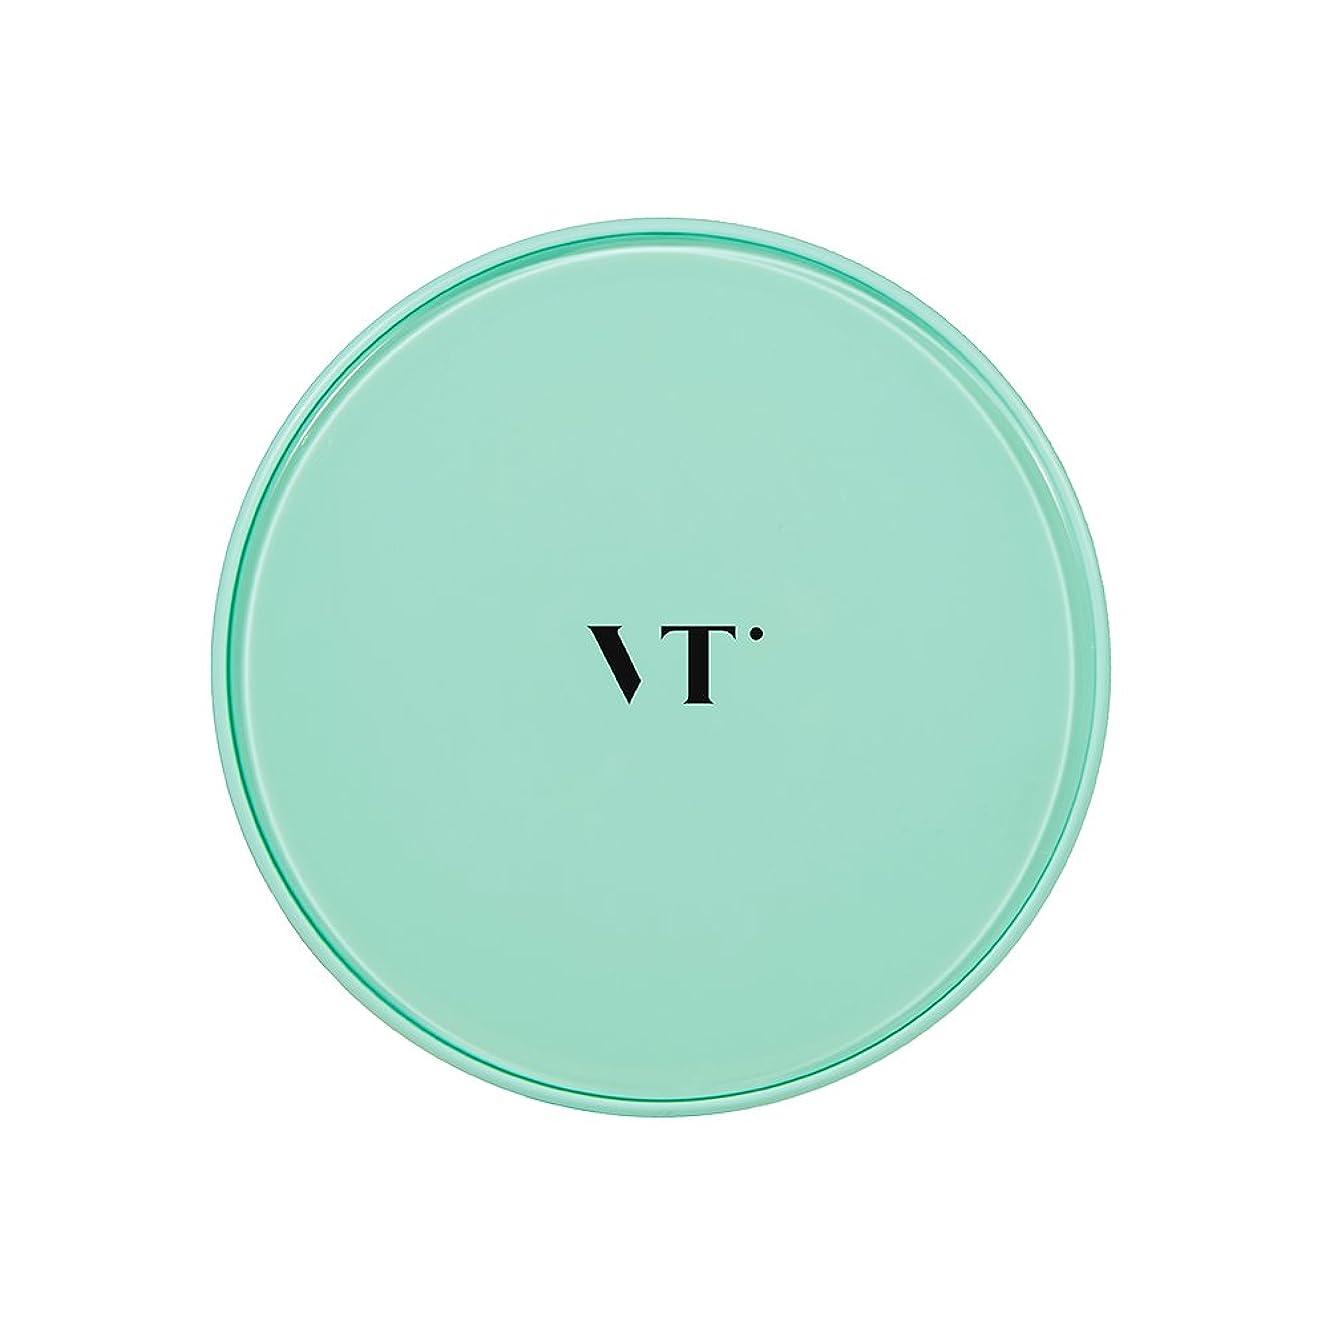 スプーン告白仕立て屋VT フィト立ったクッション SPF50+ PA++++ 11g/VT Phyto Sun Cushion [並行輸入品]